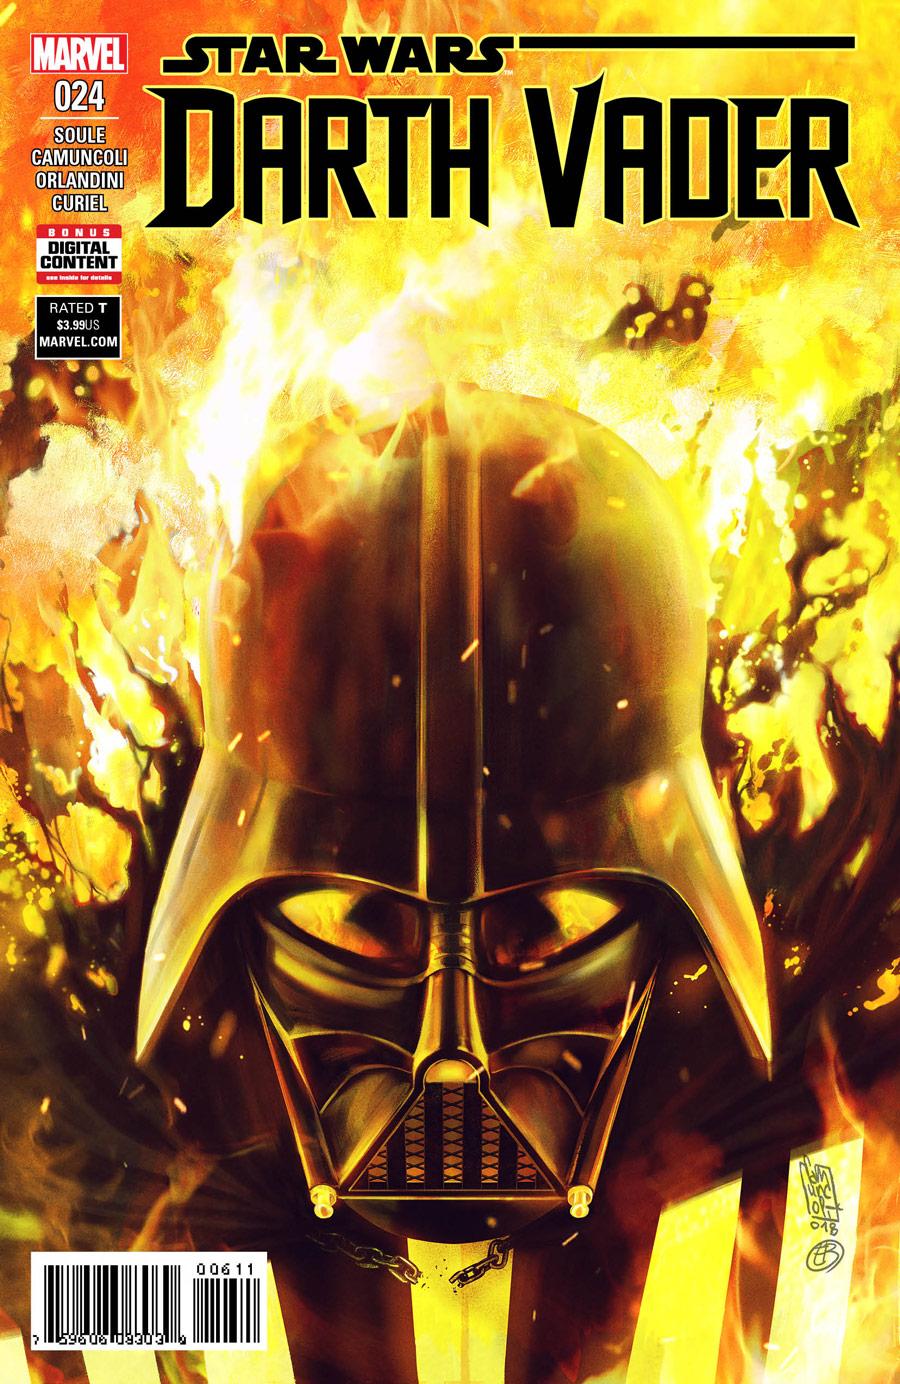 Звёздные войны. Дарт Вейдер, тёмный лорд ситхов 24: Крепость Вейдера, часть 6